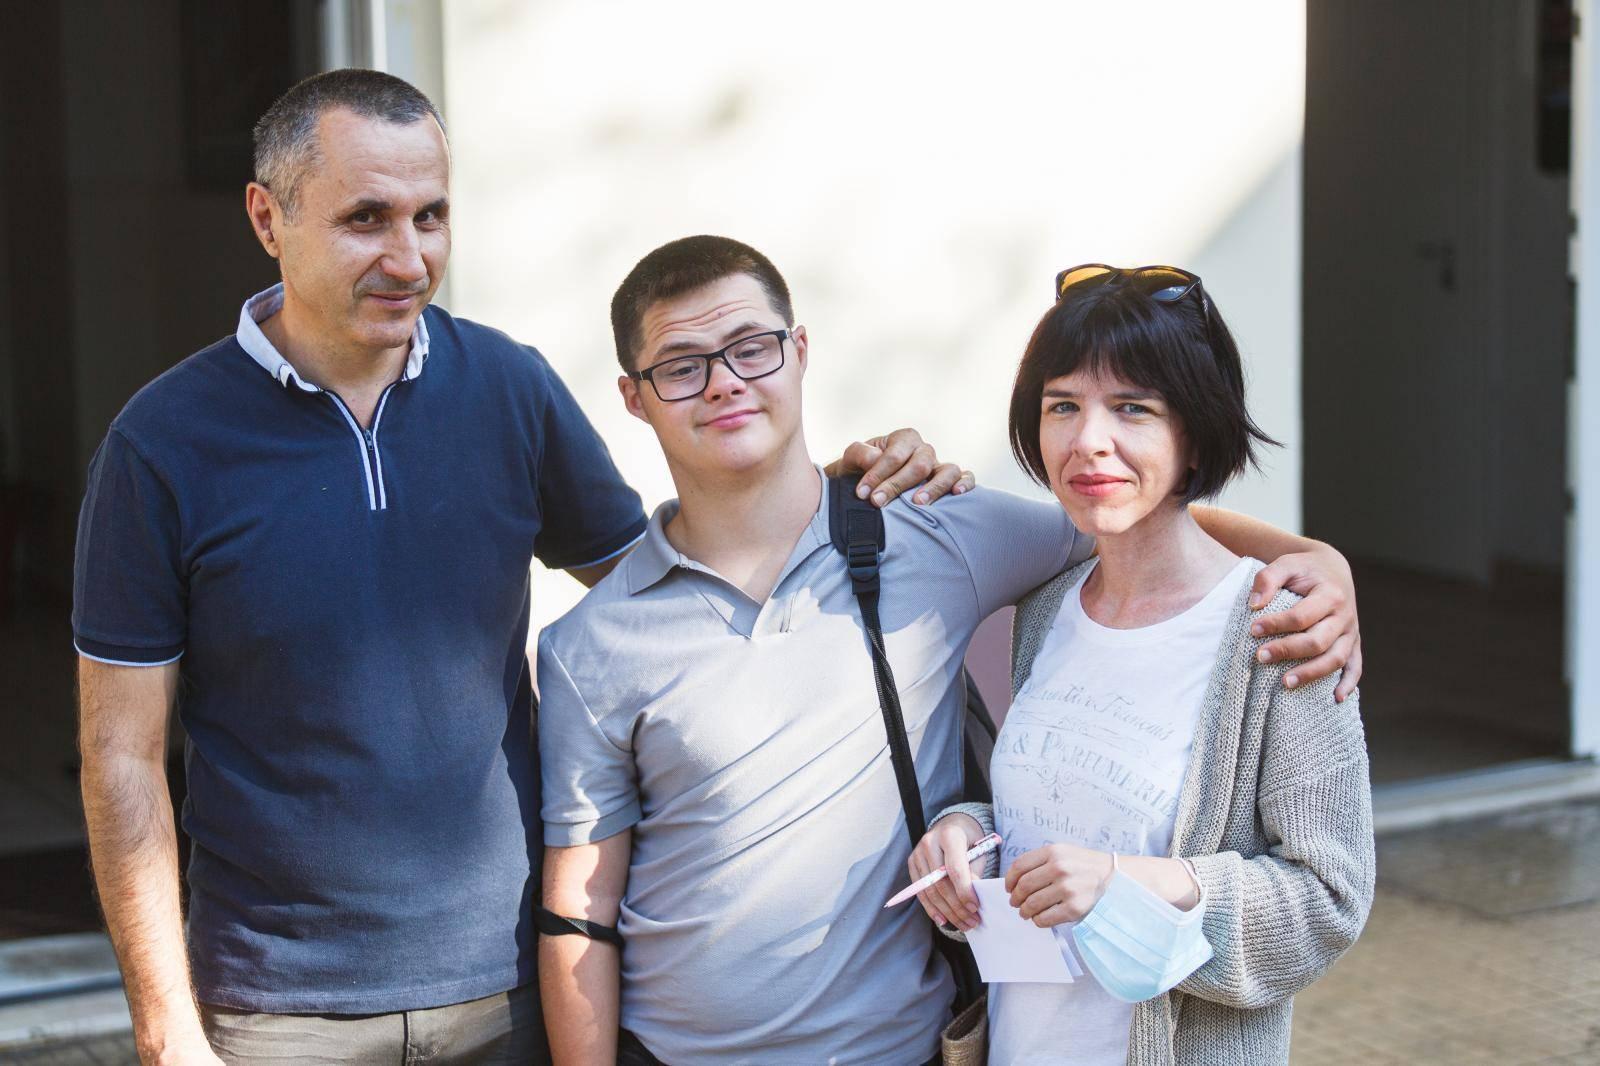 Ivan s Down sindromom krenuo u srednju za pomoćnog cvjećara